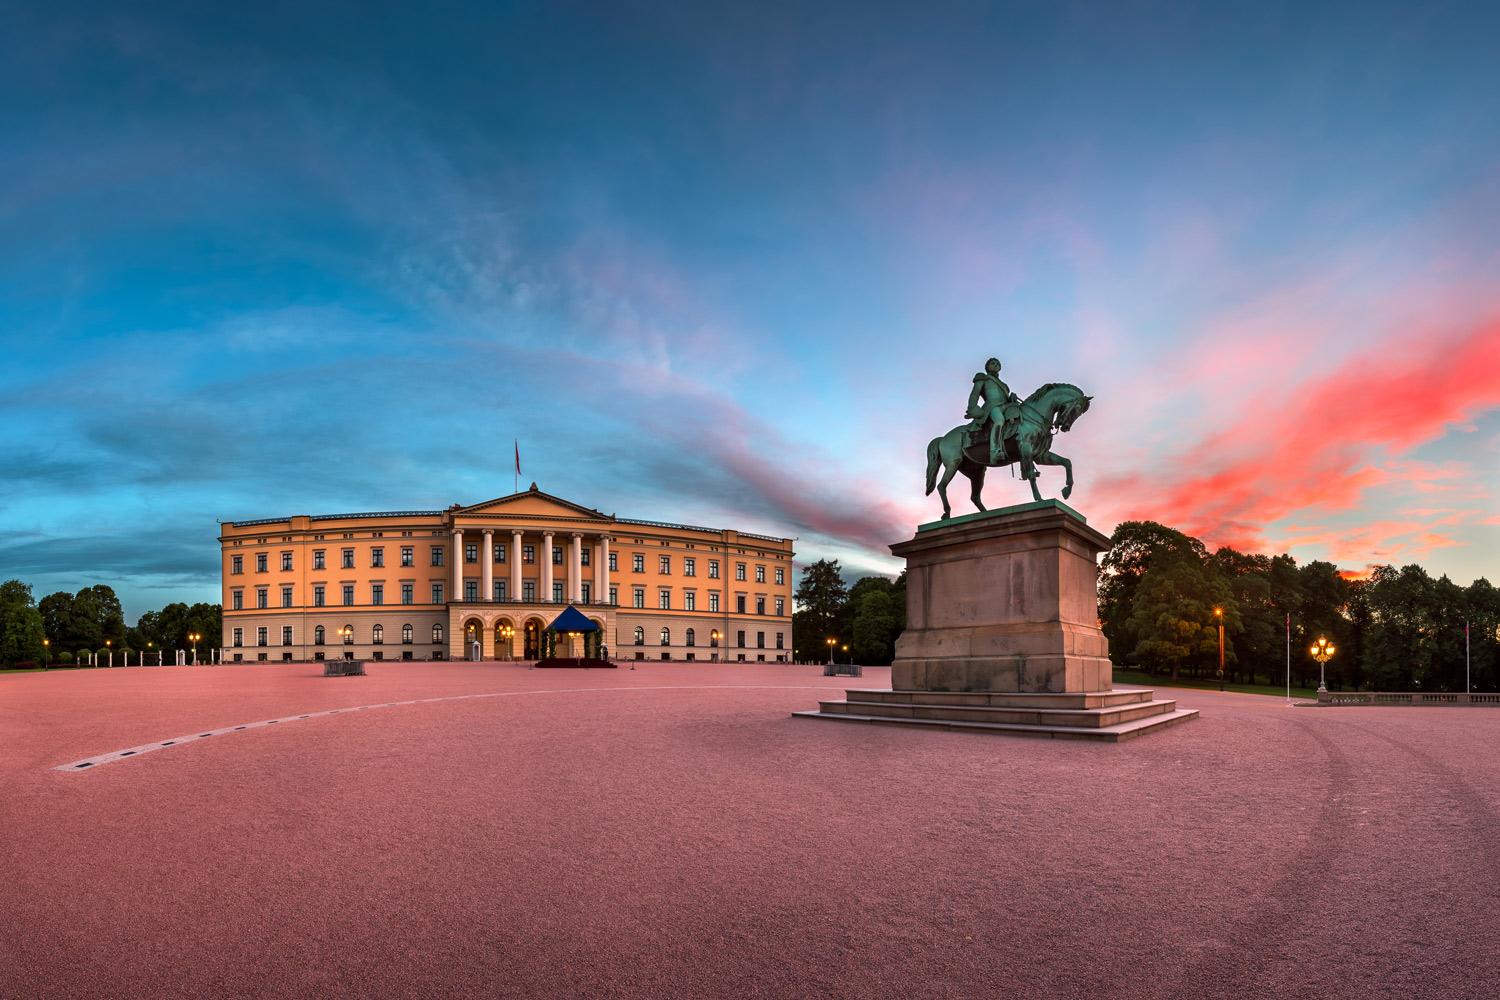 Oslo-royal-palace-449952094.jpg